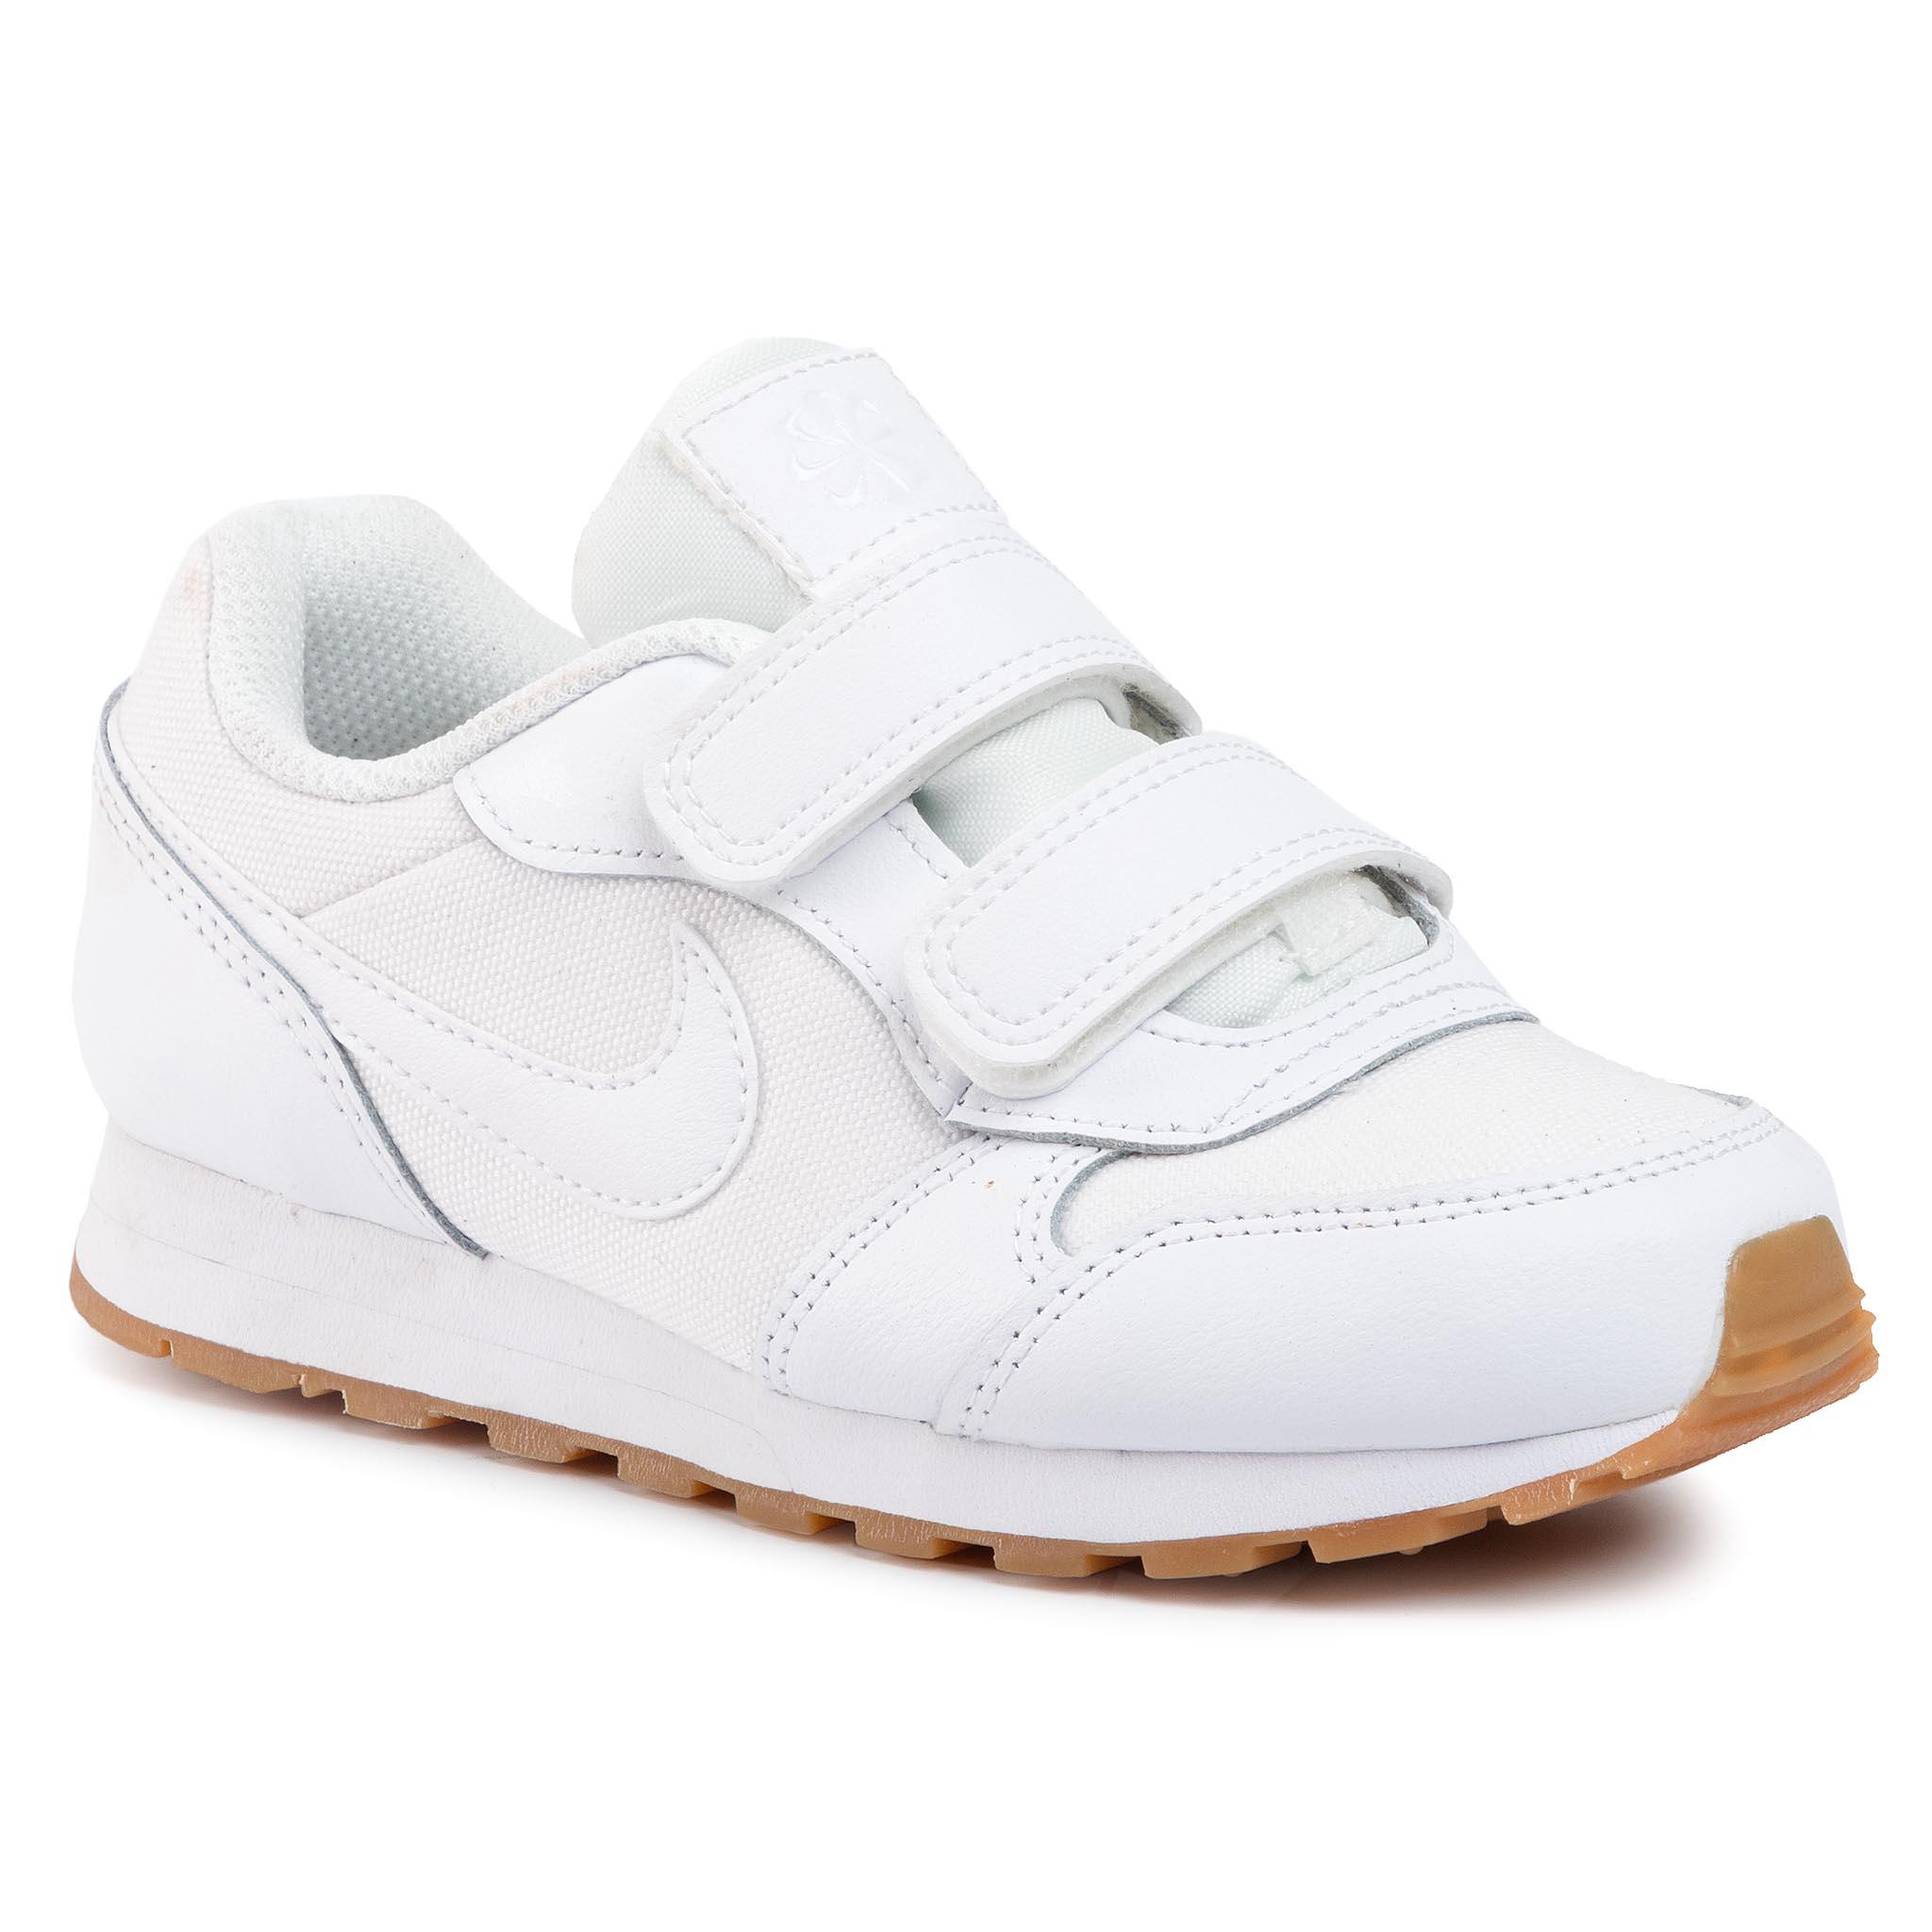 Topánky NIKE - Md Runner 2 Flrl (Psv) CD9466 100 White/White/Gum Light Brown